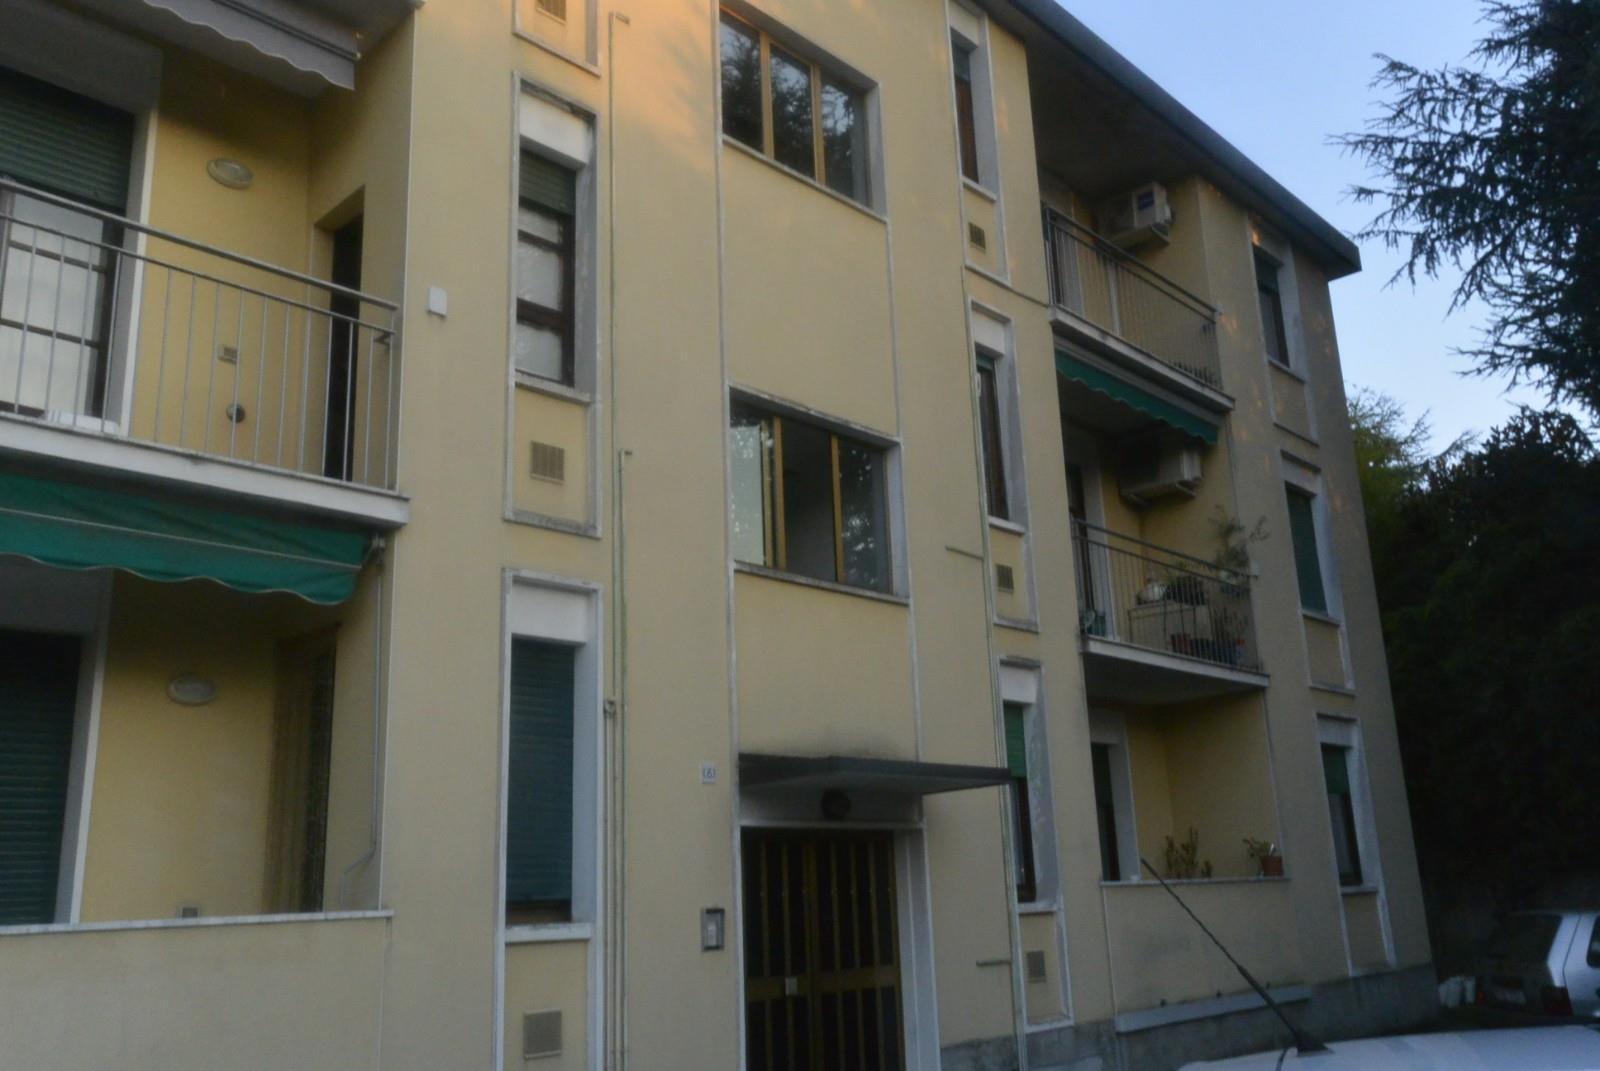 Foto 2 - Appartamento in Vendita - Meda (Monza e Brianza)